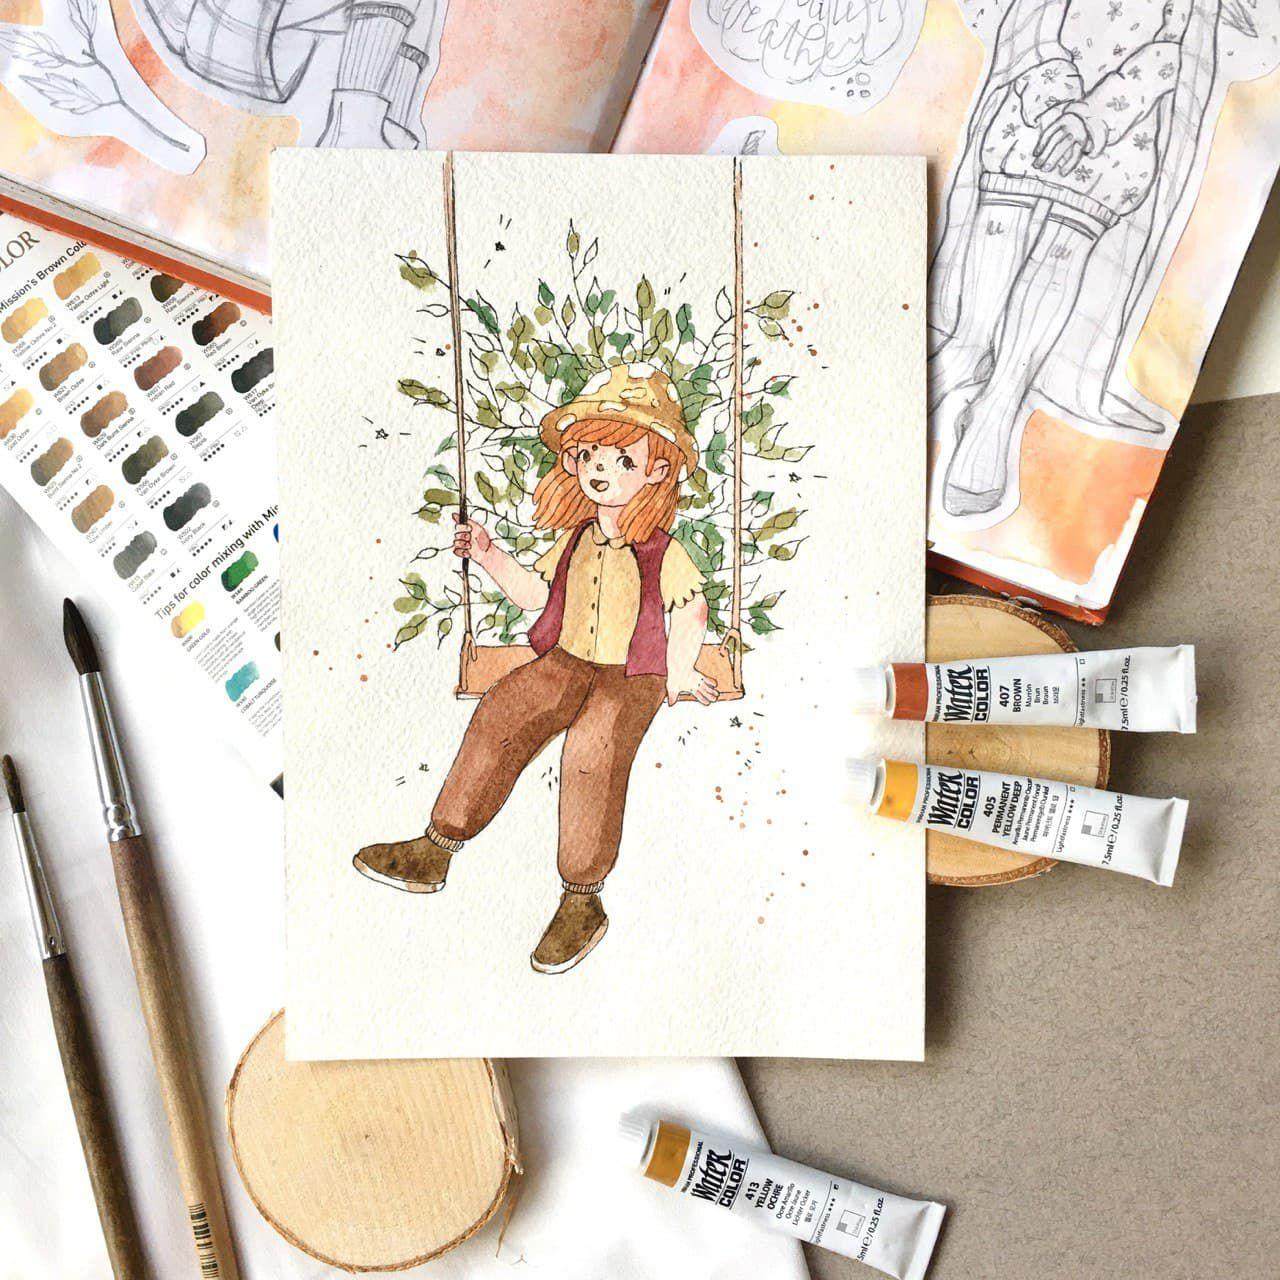 Курс «Книжная иллюстрация» в студии рисования «Возьми кисть» фото 3